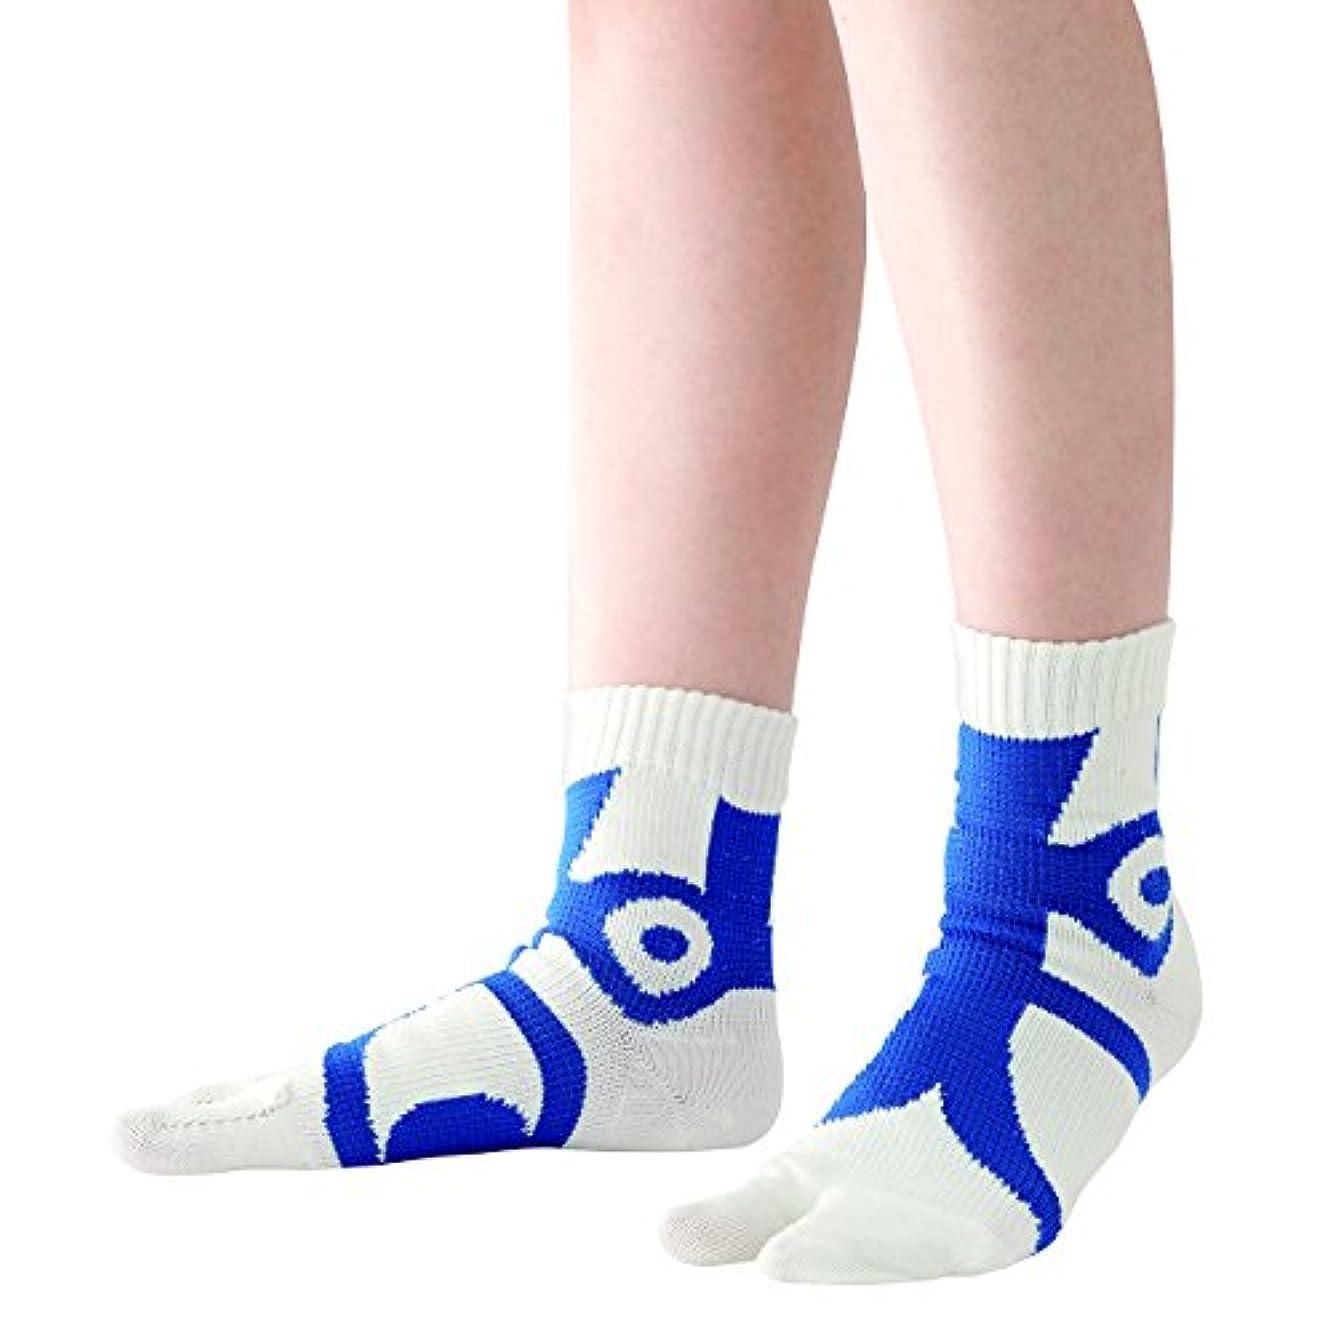 パシフィックパドルピンポイント快歩テーピング靴下 ホワイト×ブルー